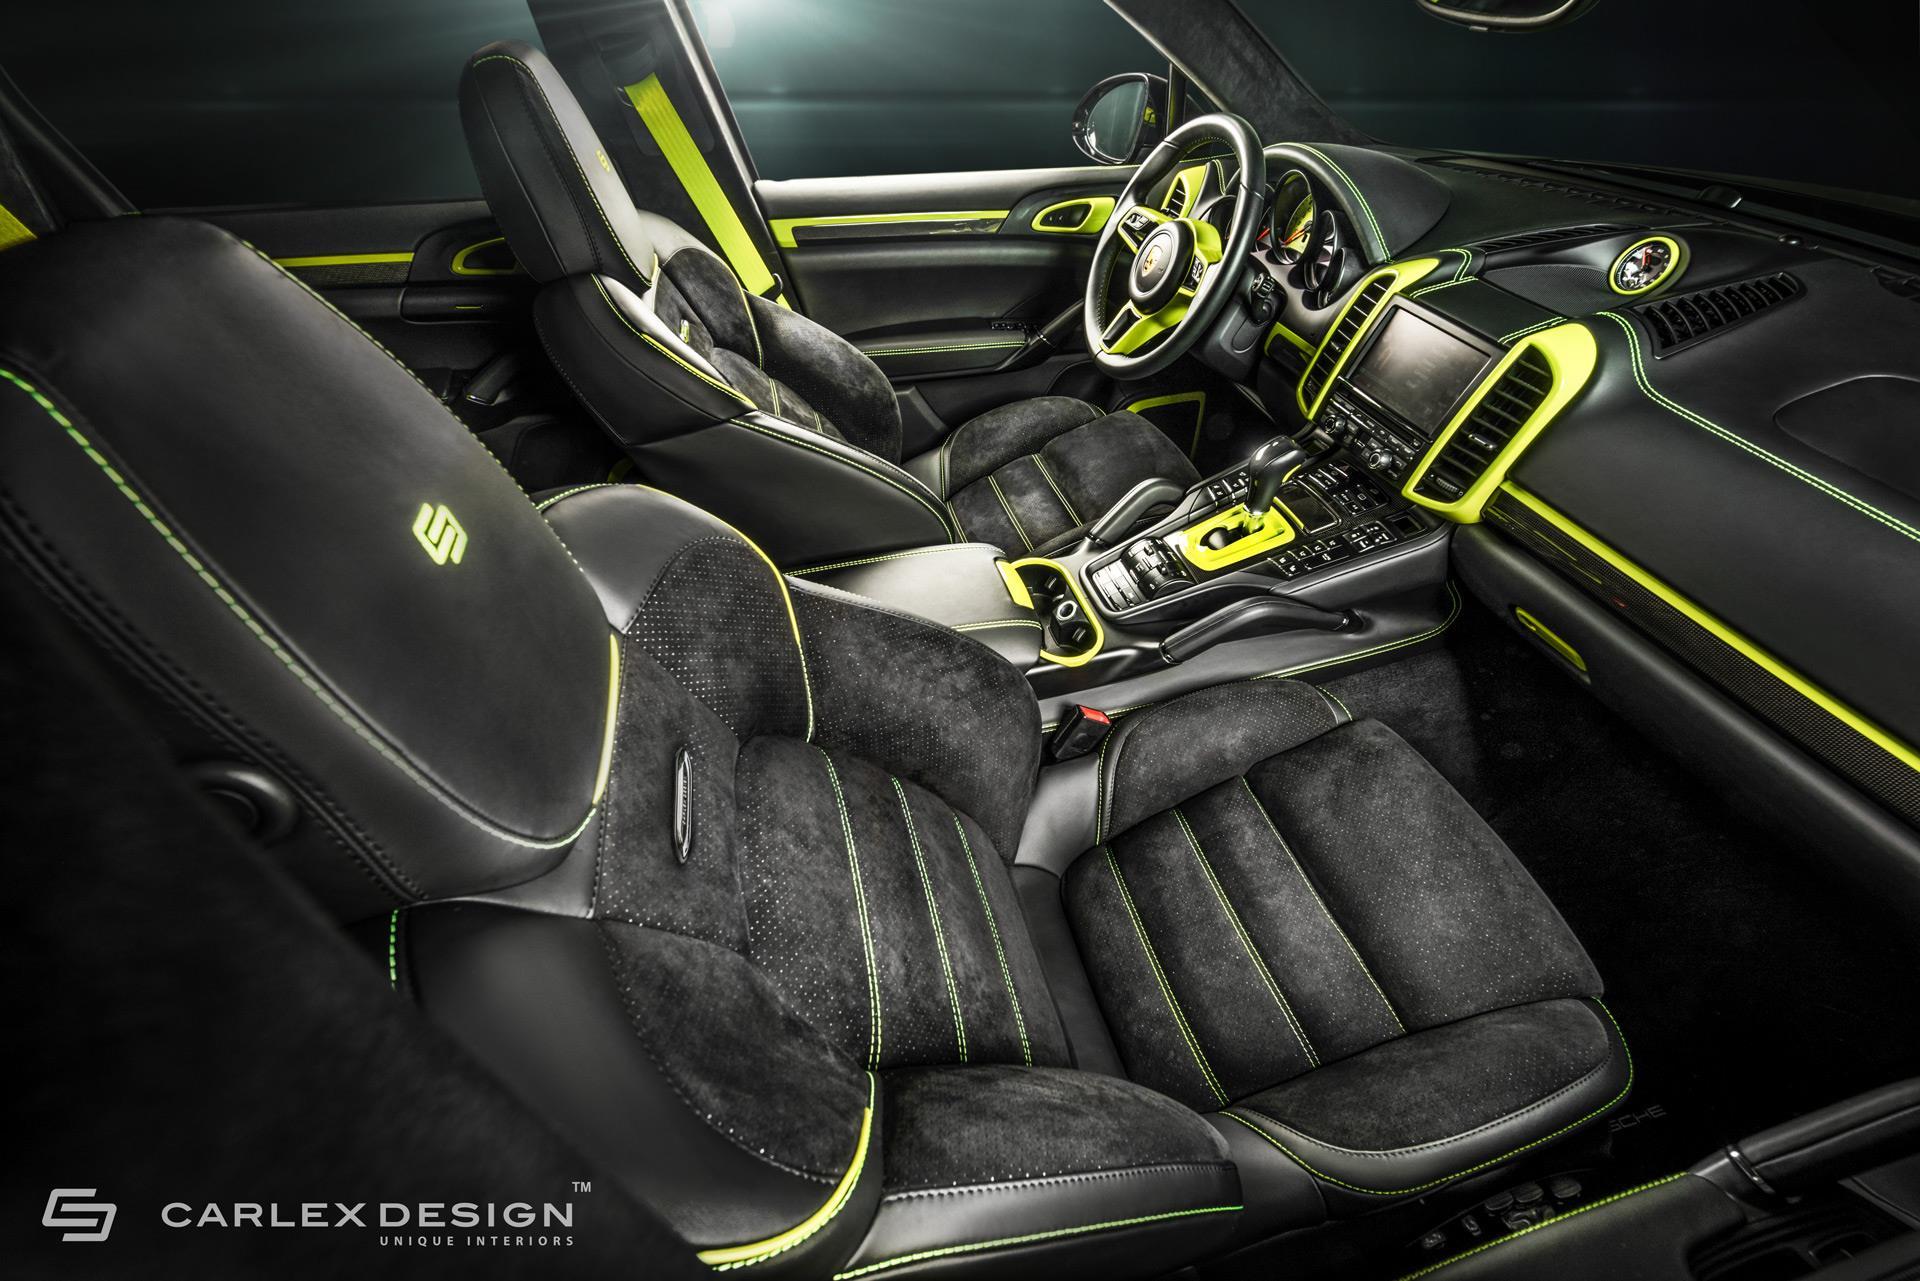 ... Porsche Cayenne Gets Acid Green Interior Makeover By Carlex Design ...